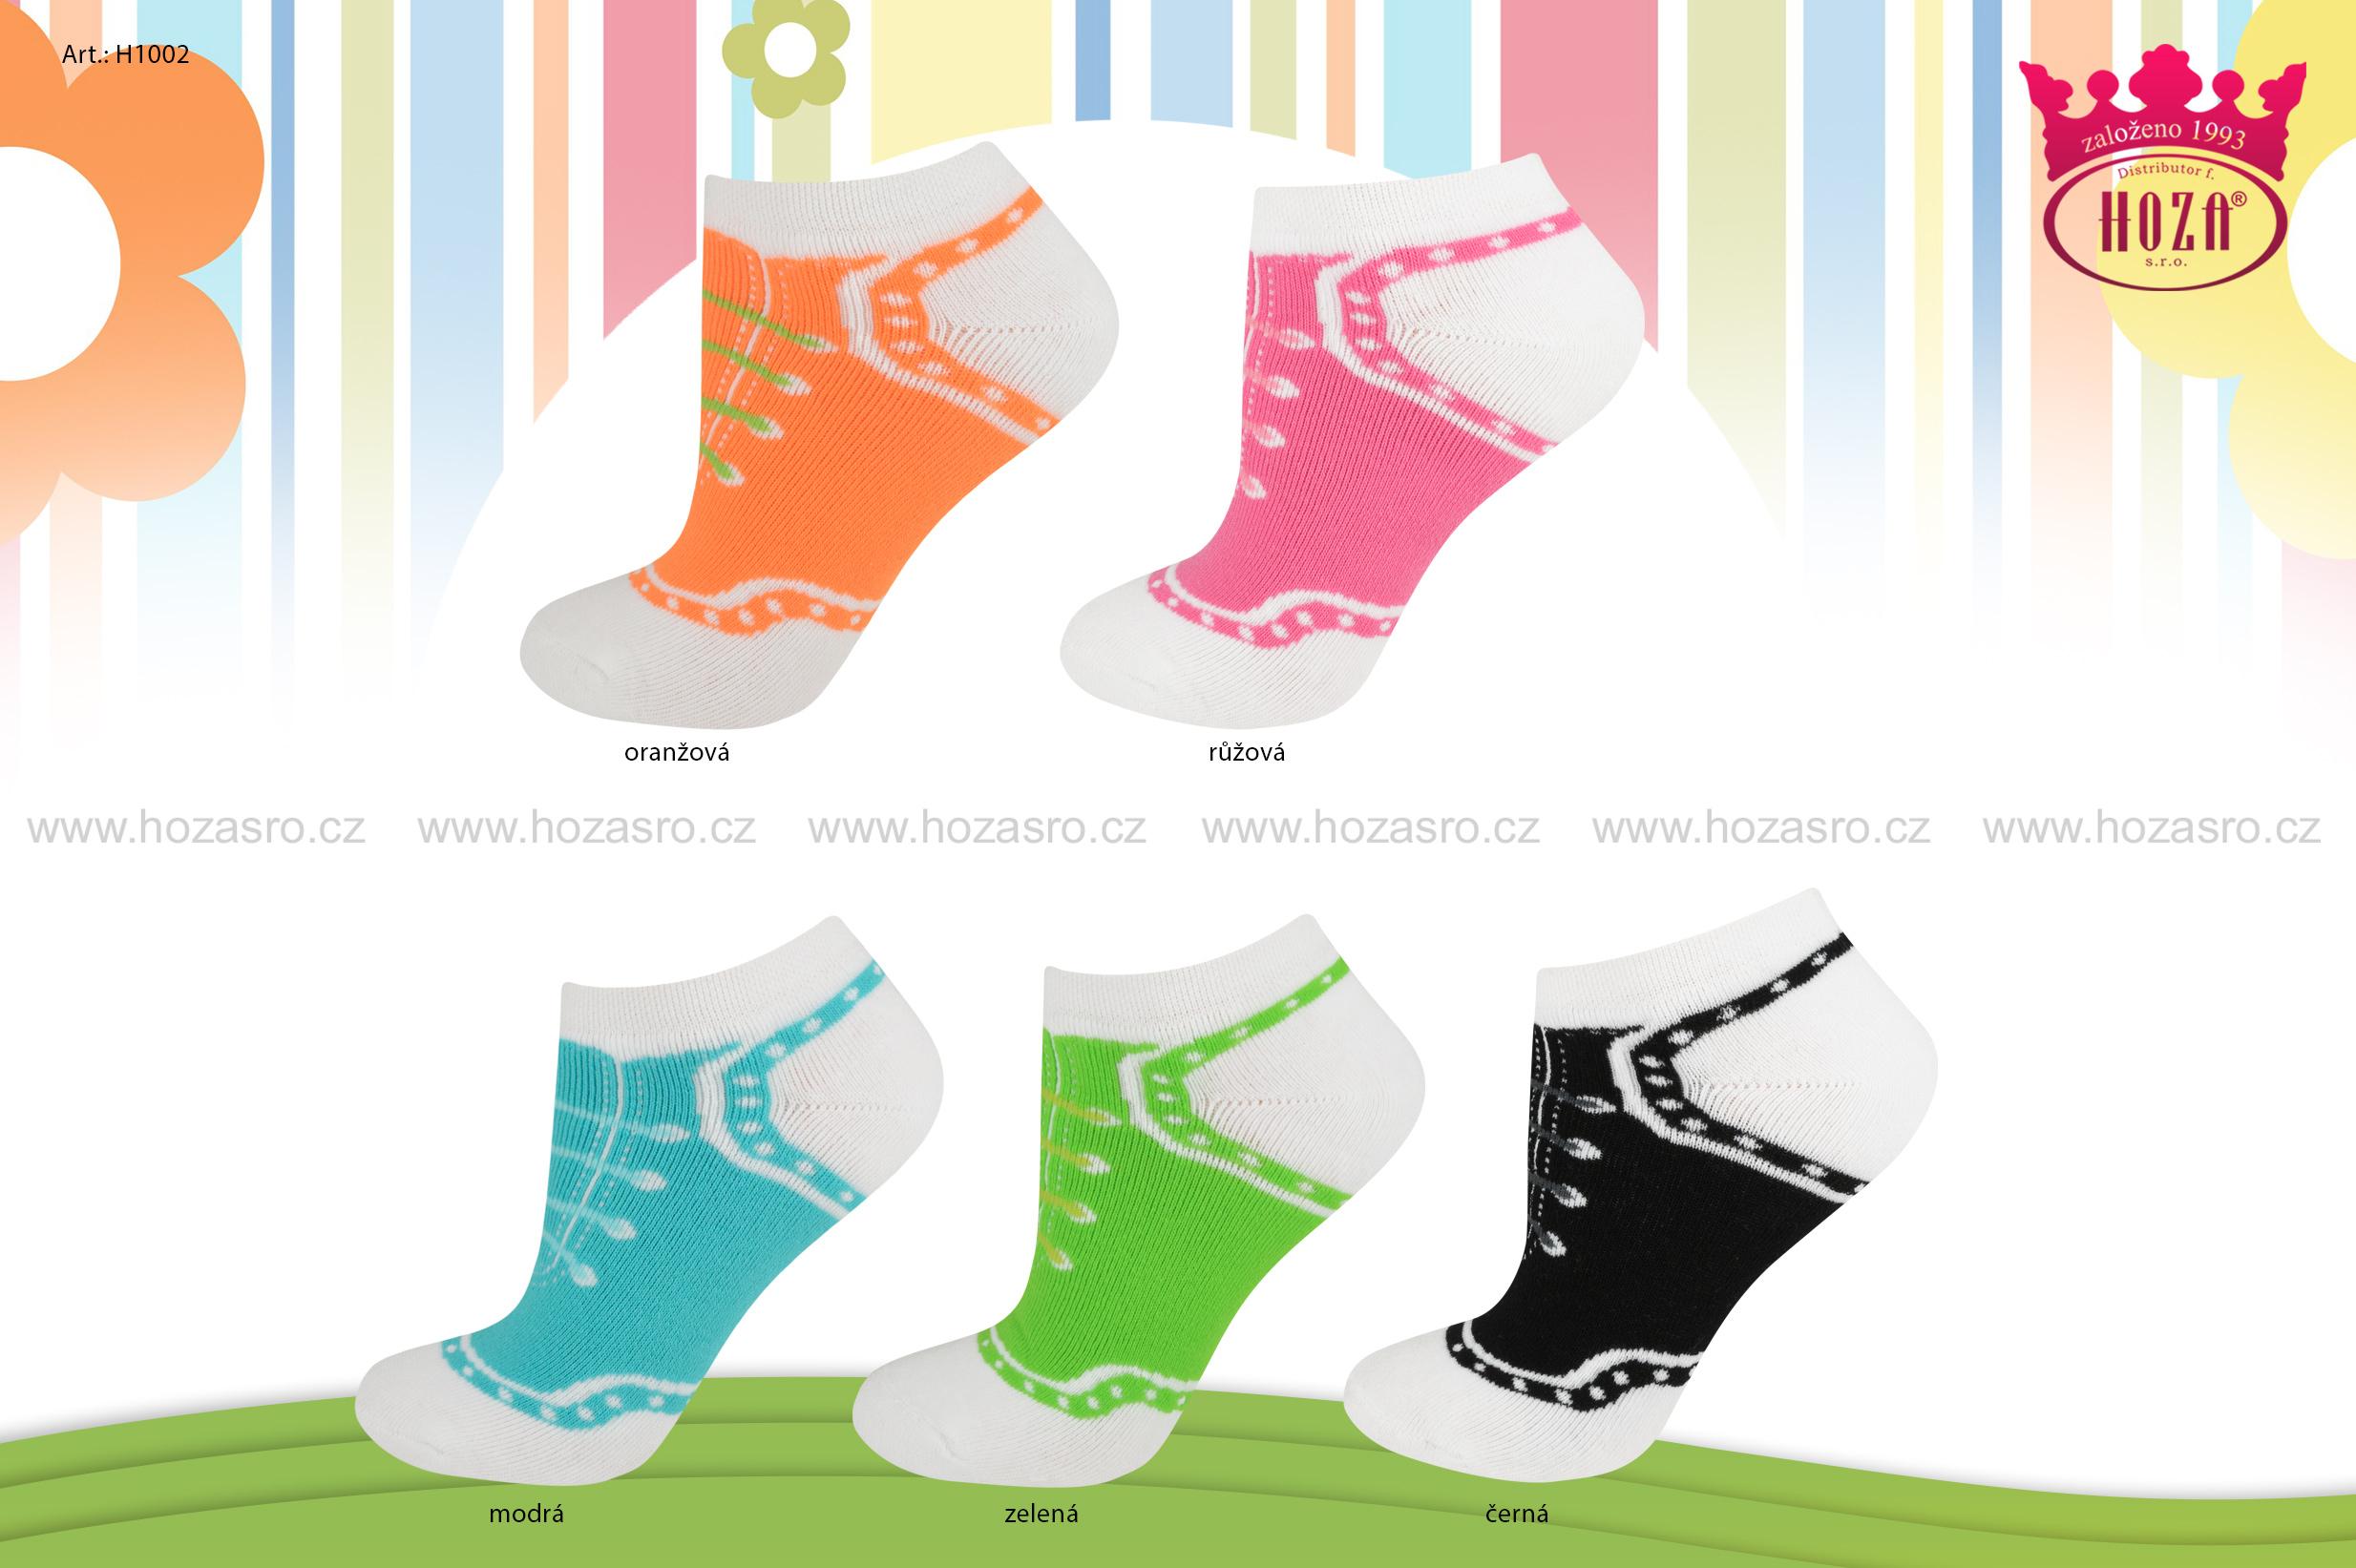 Dětské kotníkové ponožky froté - tkaničky - H1002